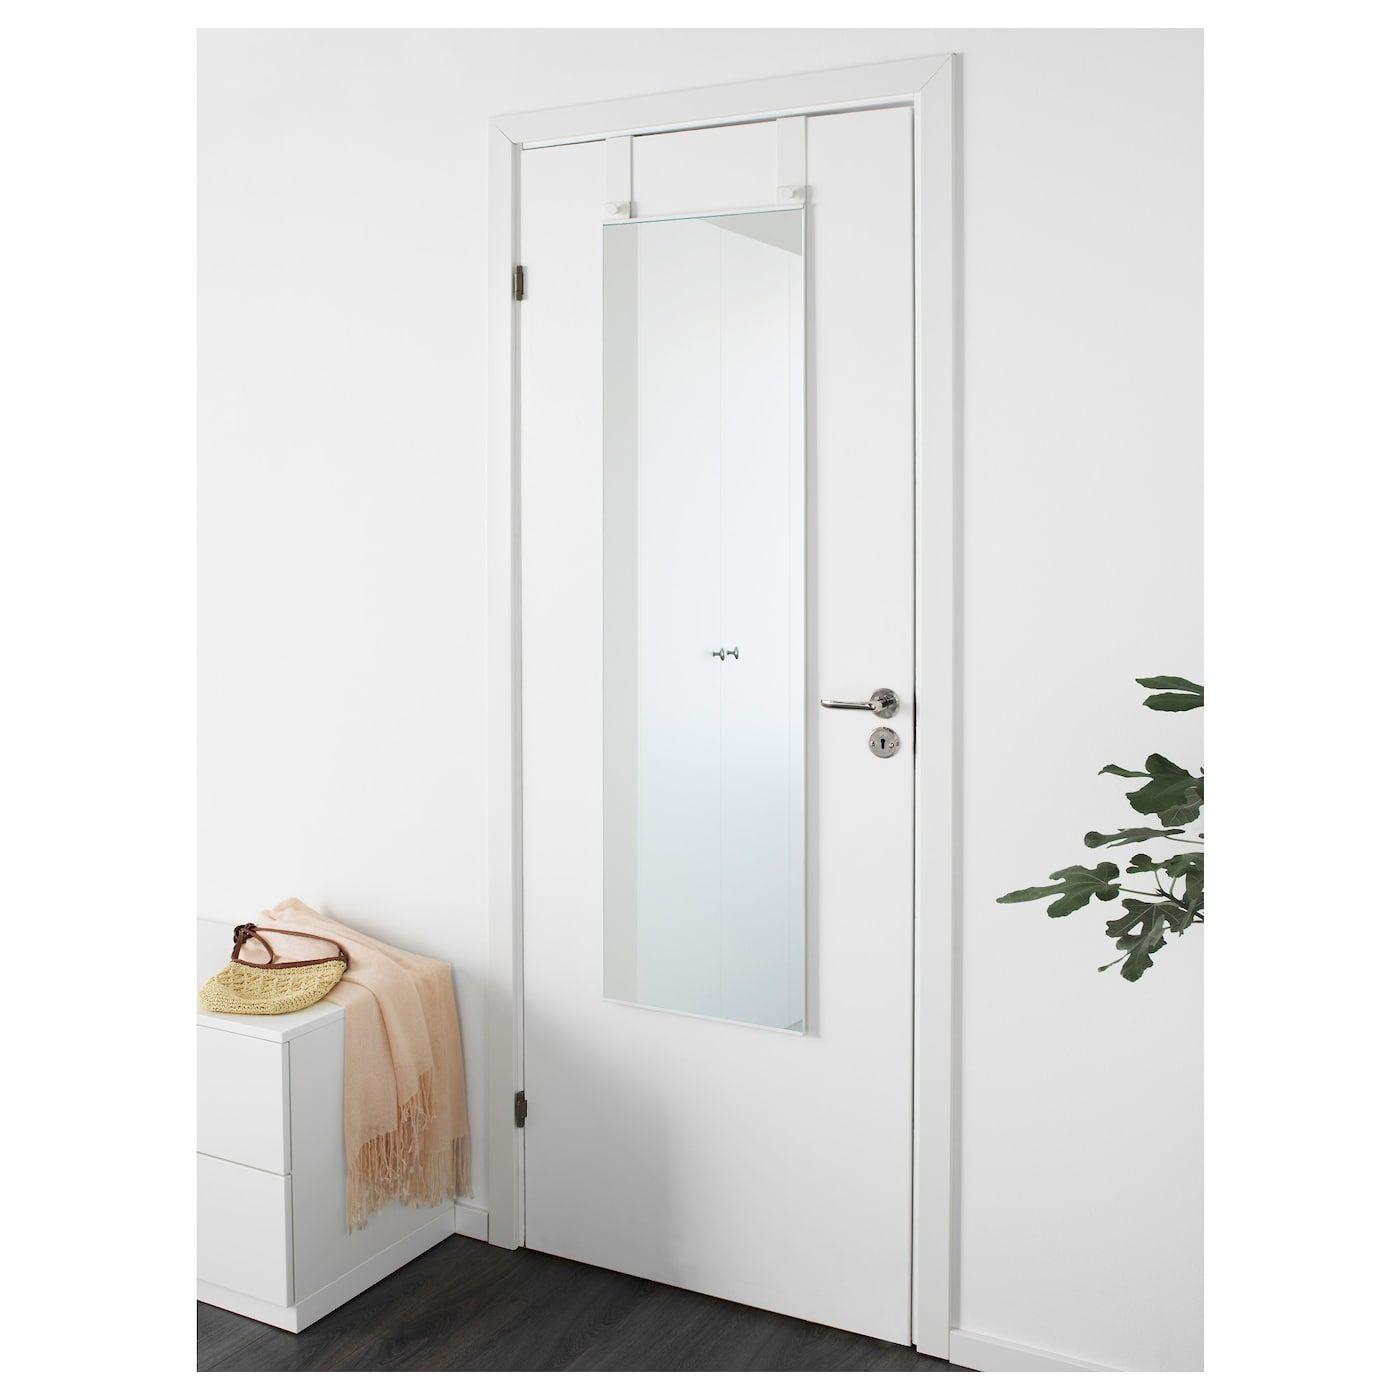 Ikea Garnes Over The Door Mirror Over The Door Mirror Mirror Door Closet Door Makeover